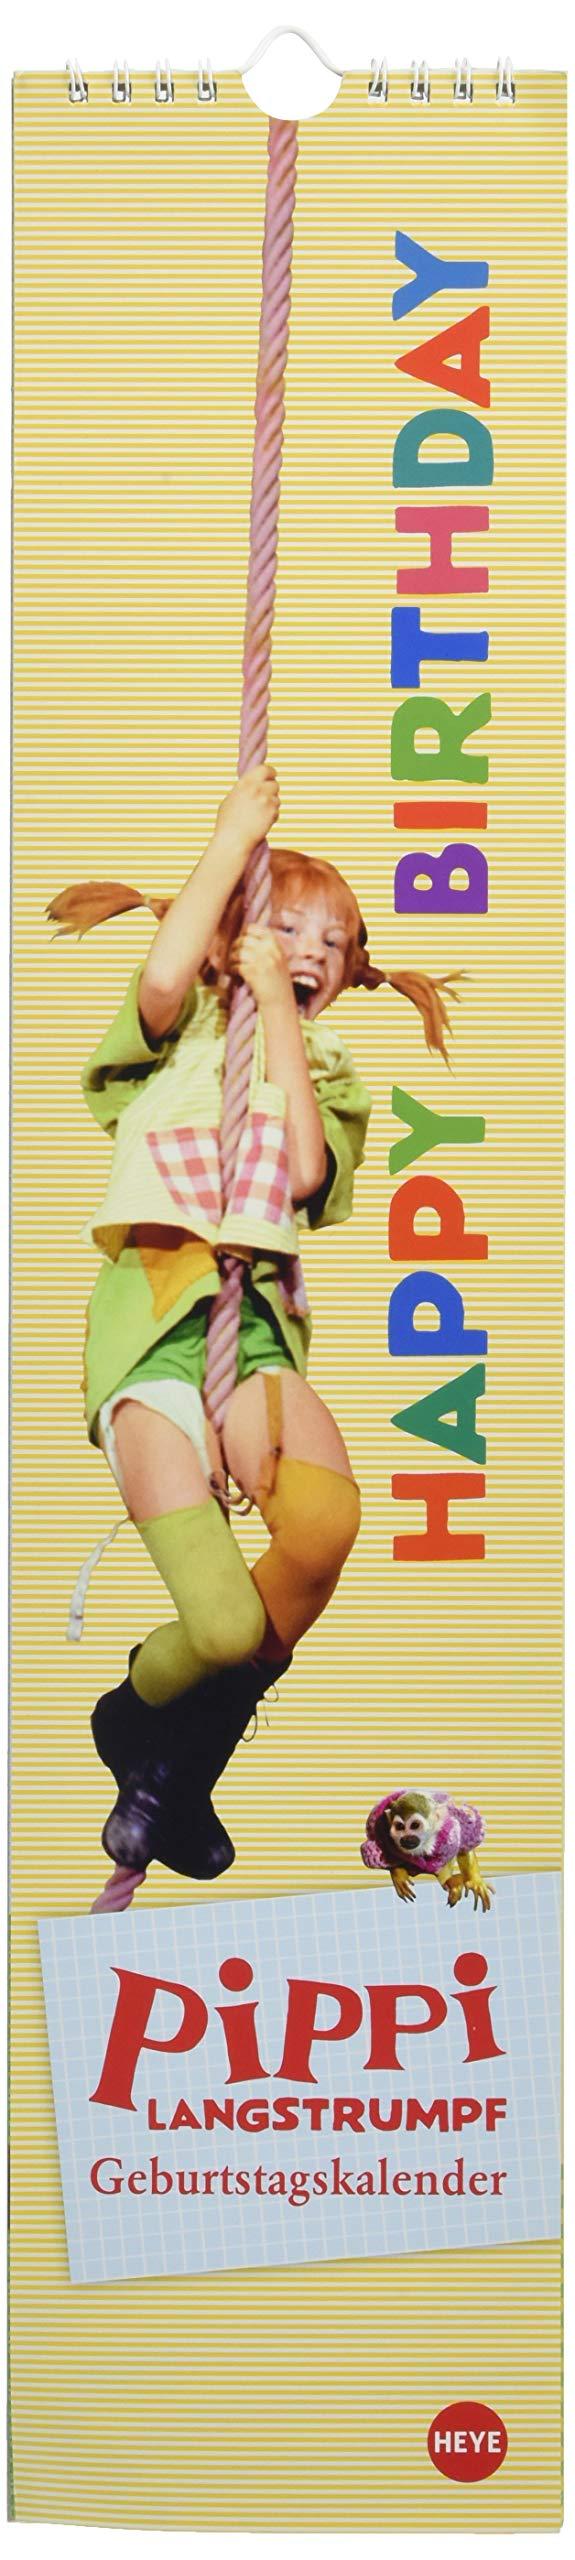 Pippi Langstrumpf Geburtstagskalender long